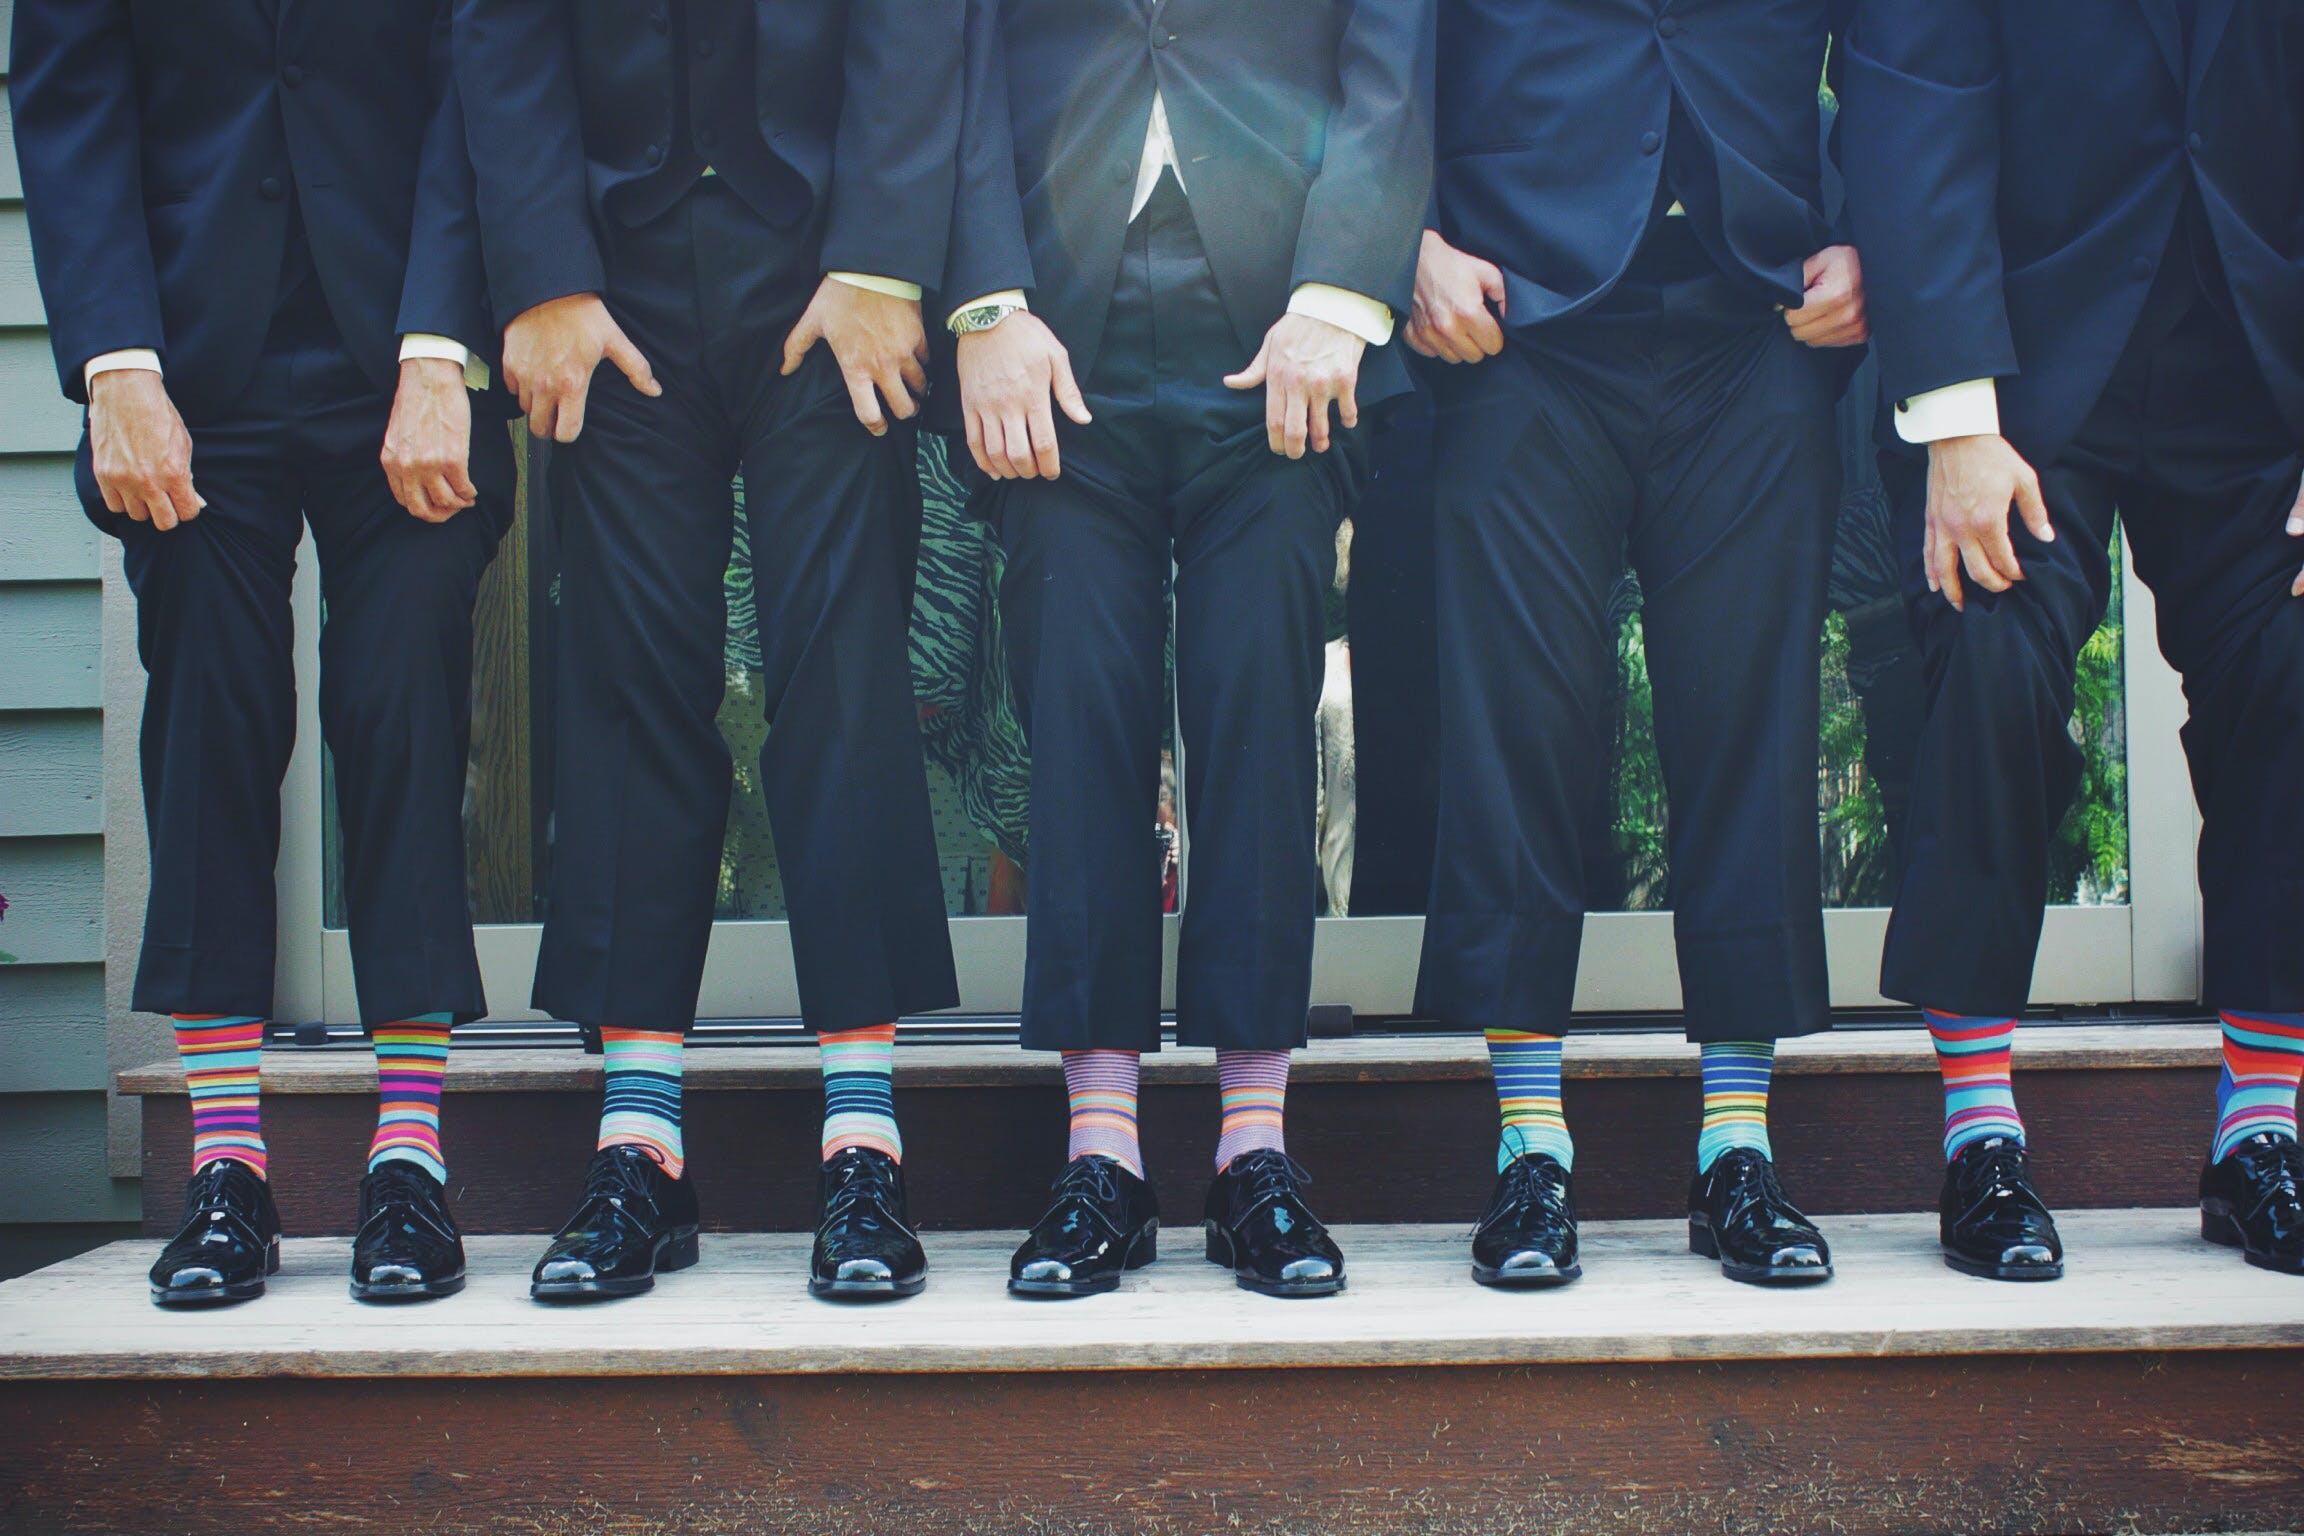 People Wearing Pair of Multicolored Socks